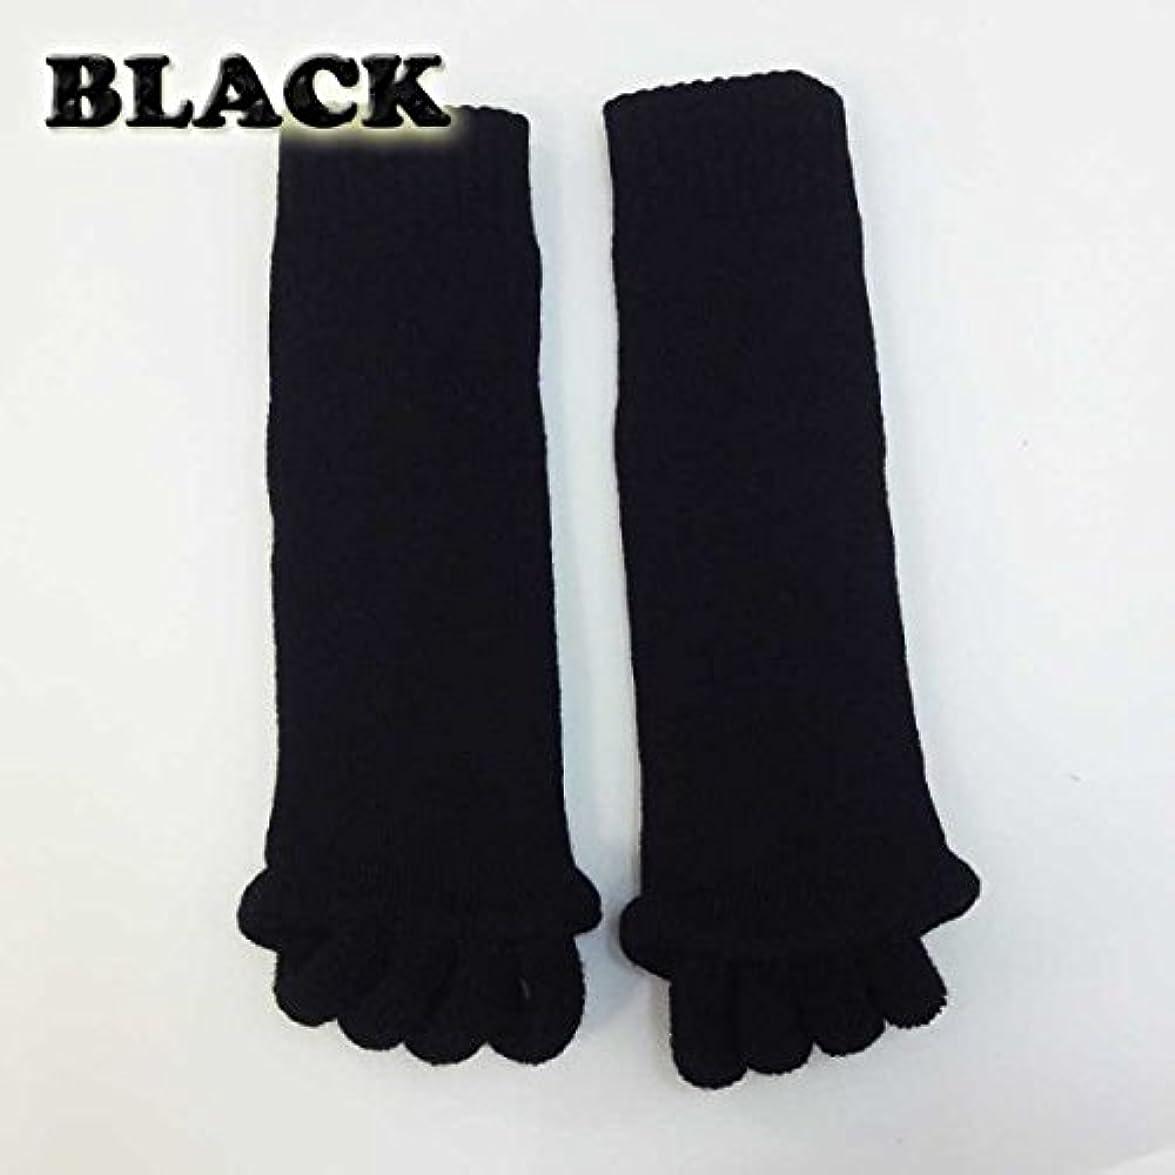 足指開きソックス (左右1組) 履くだけ 簡単 フットケア リラックス むくみ (ブラック)